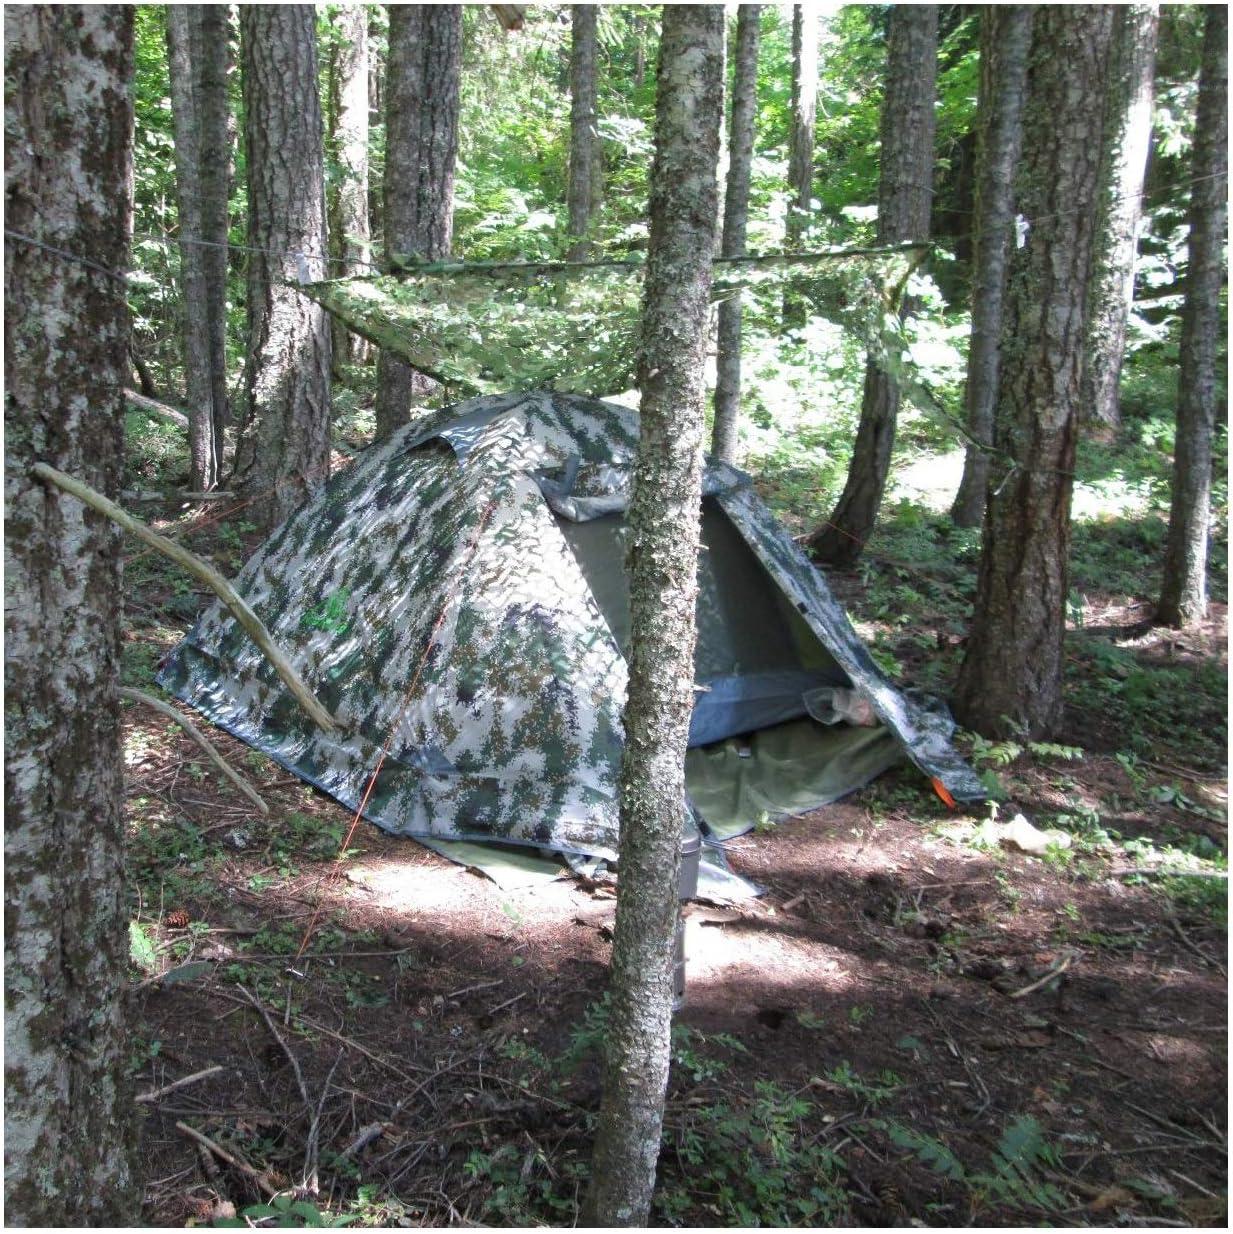 Red Camuflaje Caza, Exterior Ocultar Camuflaje Red de Camuflaje For Acampar, Camuflaje Selva, Caza de Fauna Silvestre de Protección Solar, la Fotografía, la Sombra del Coche, Camping de Ocio, Bar 4x3: Amazon.es: